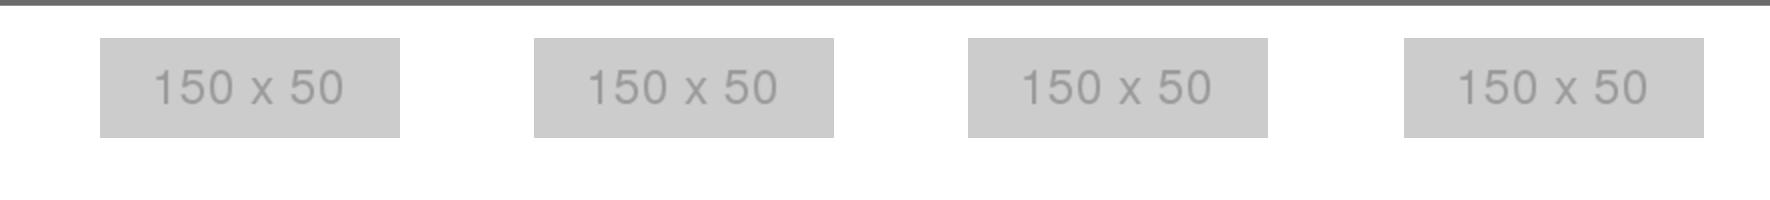 スクリーンショット 2017-08-04 17.48.42.png